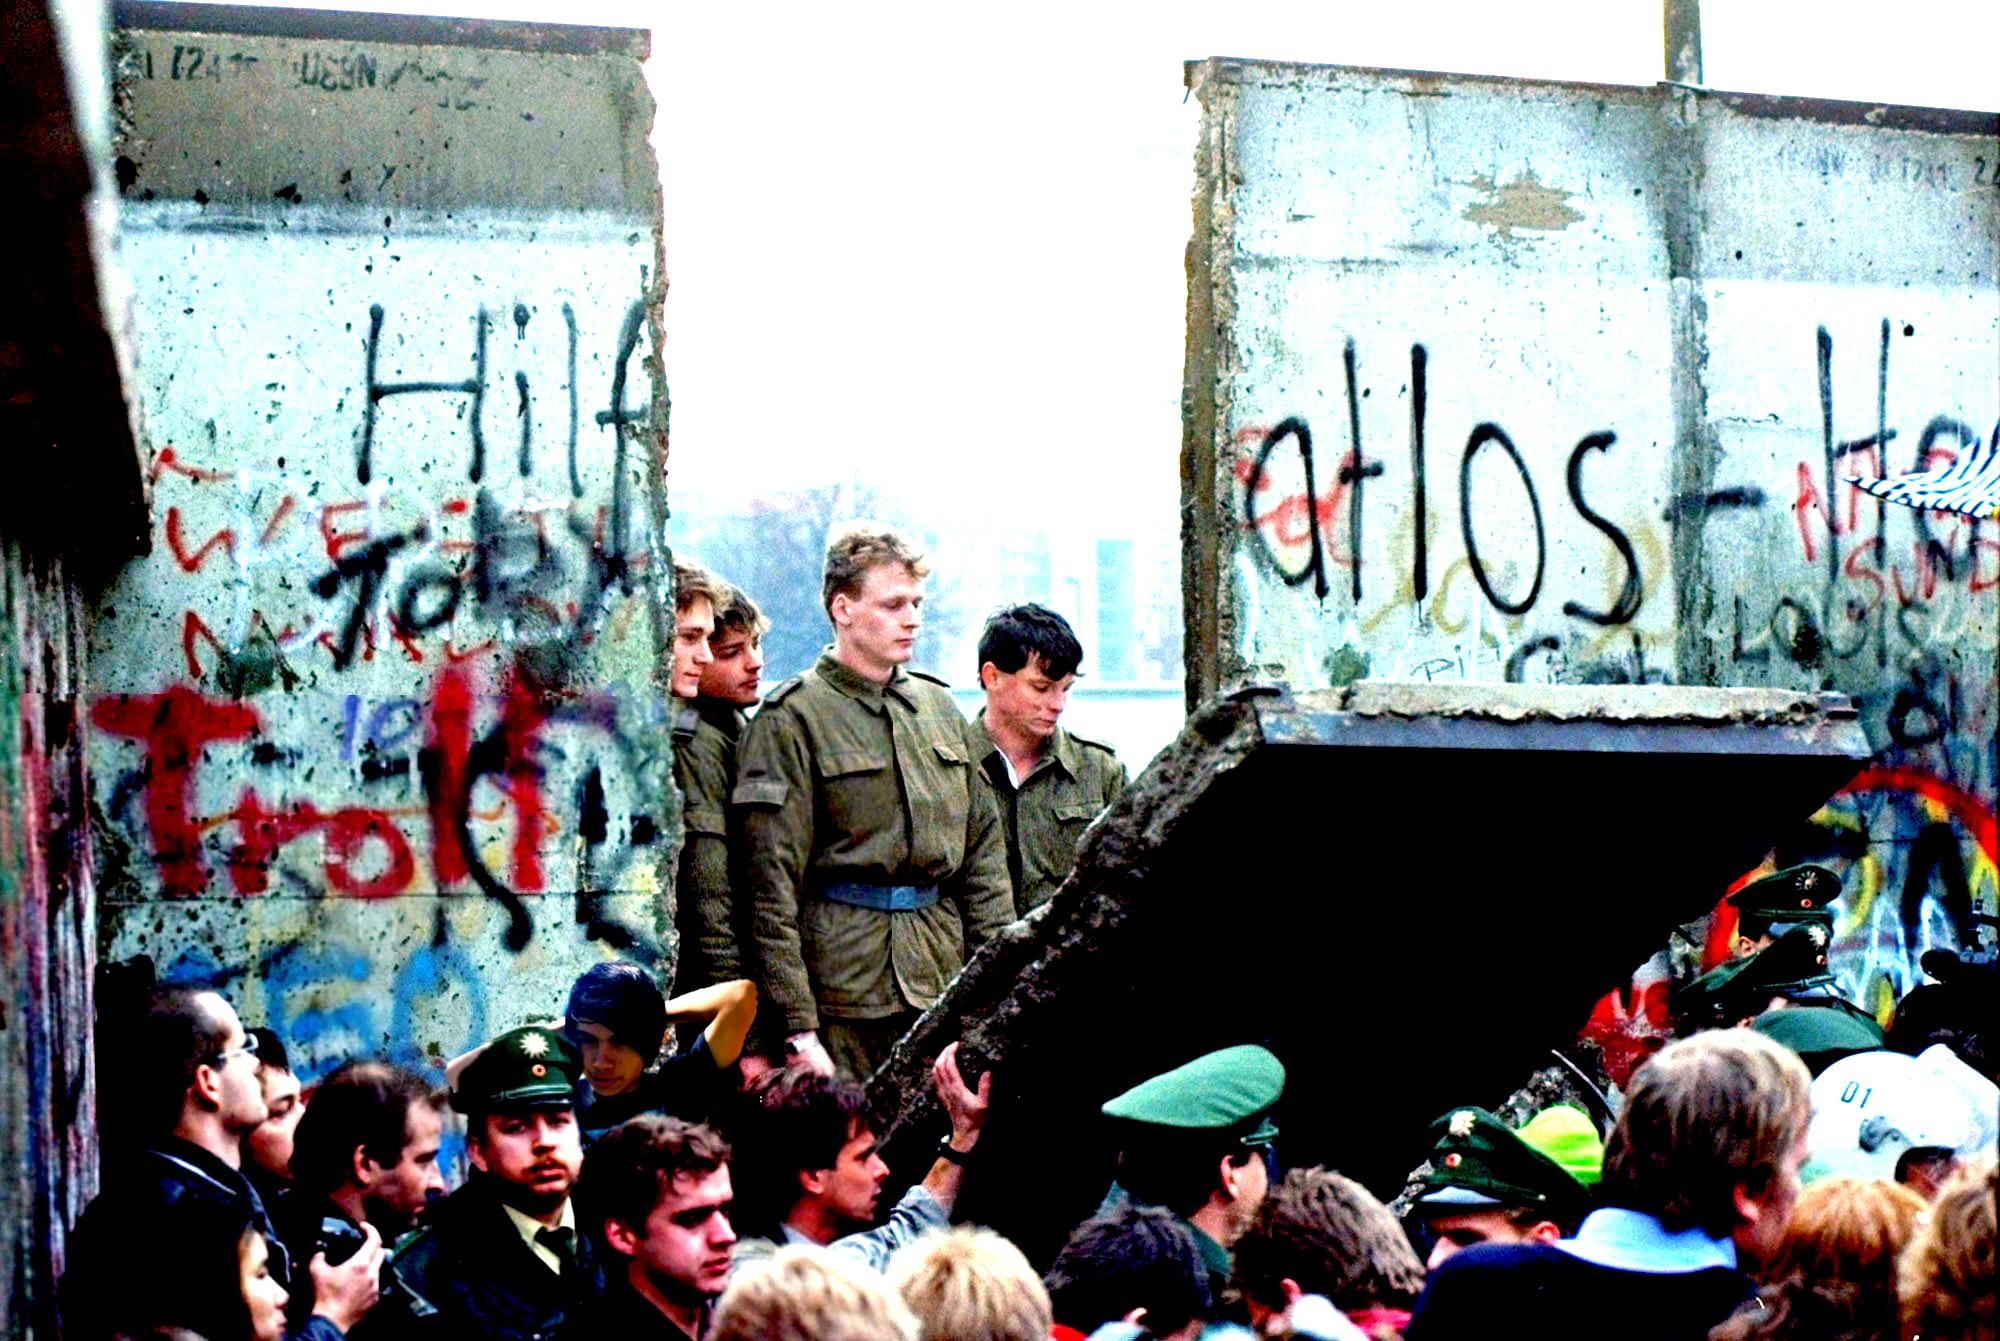 Caída del muro de Berlín cumple 27 años